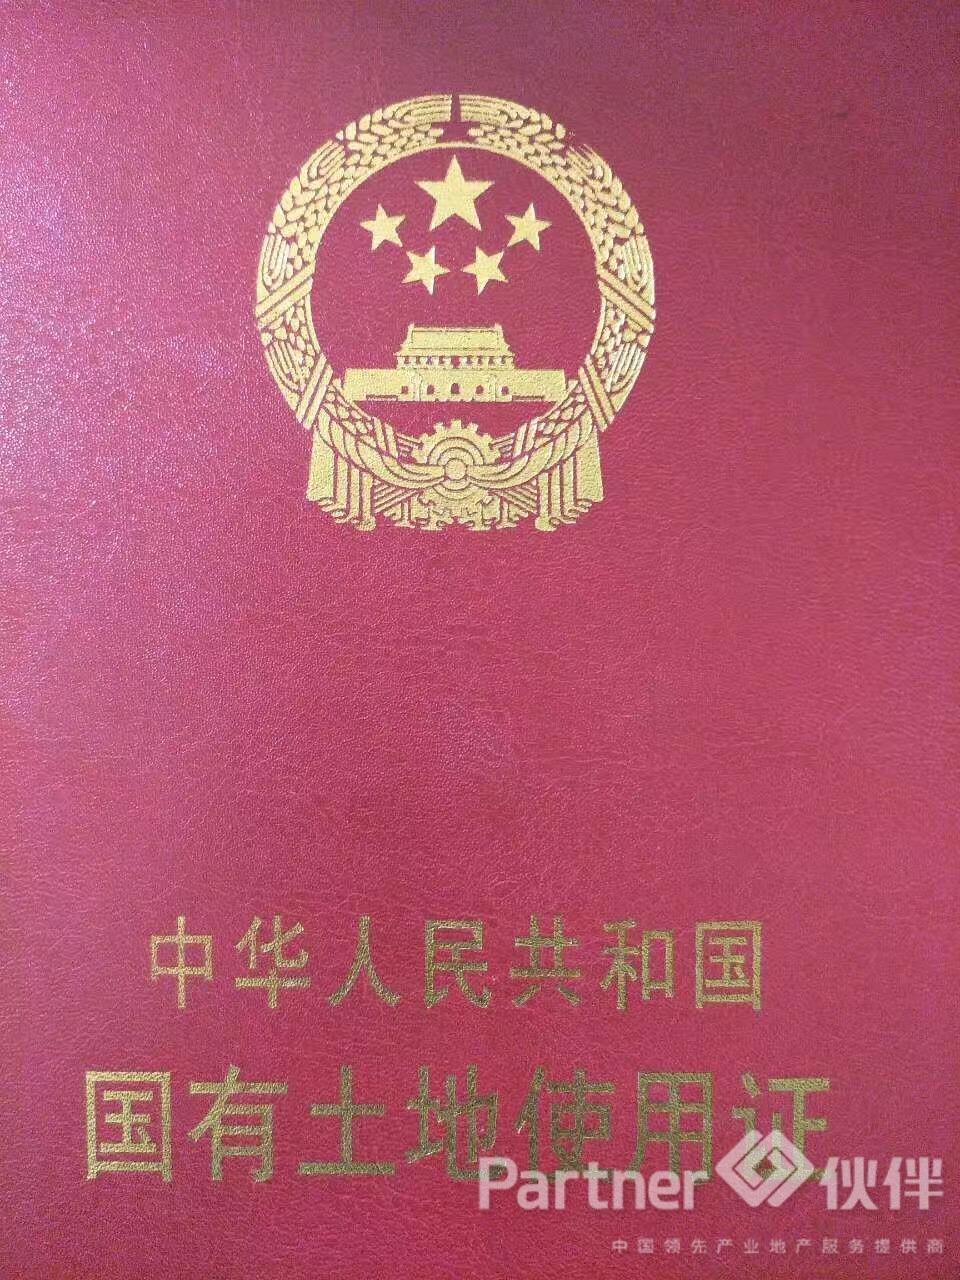 东莞市洪梅镇占地 33 亩建筑面积 20519 ㎡国有证产权